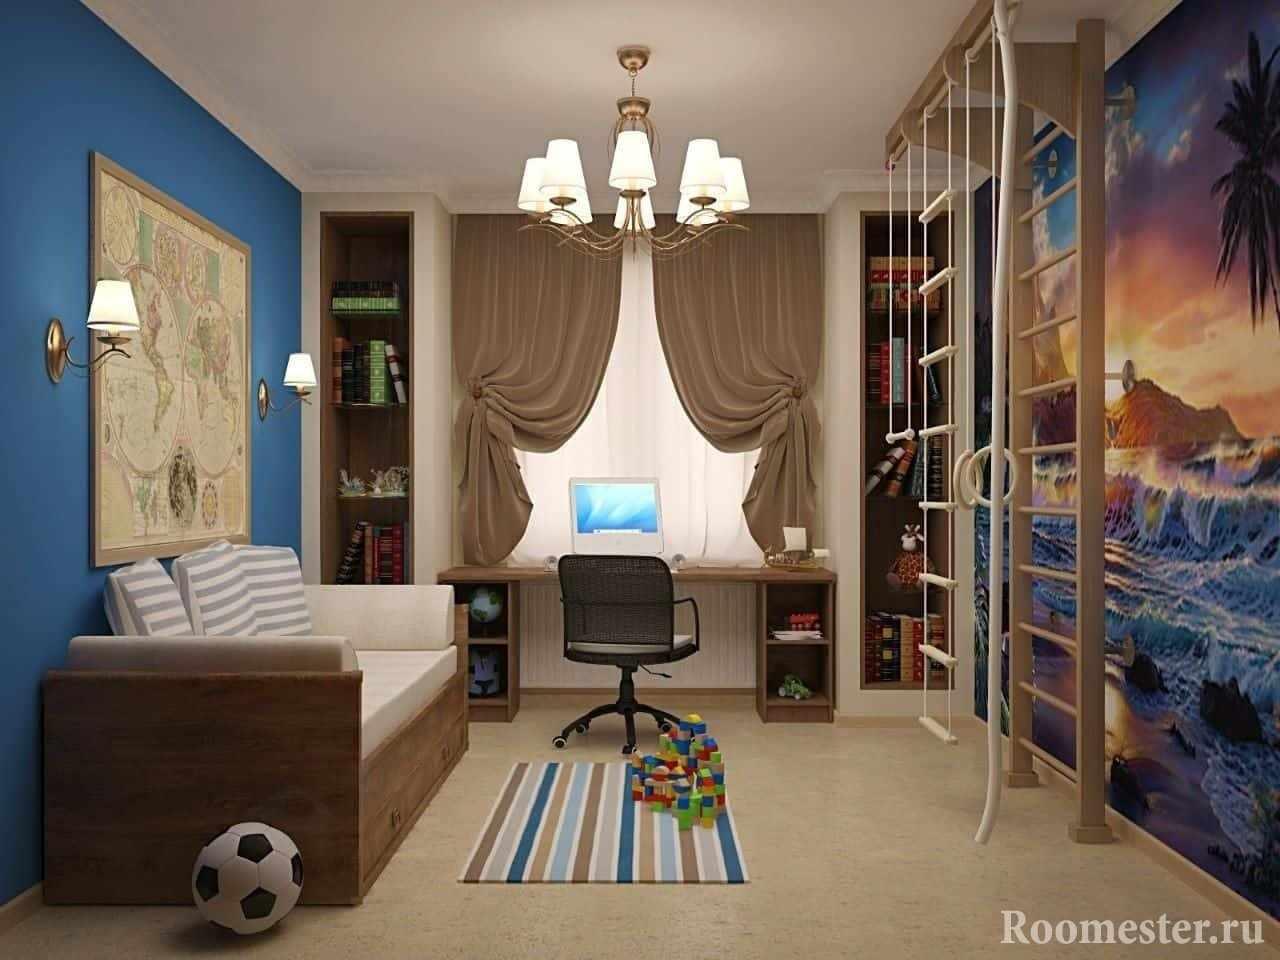 Детская комната в хрущевке для мальчика с спортивной зоной